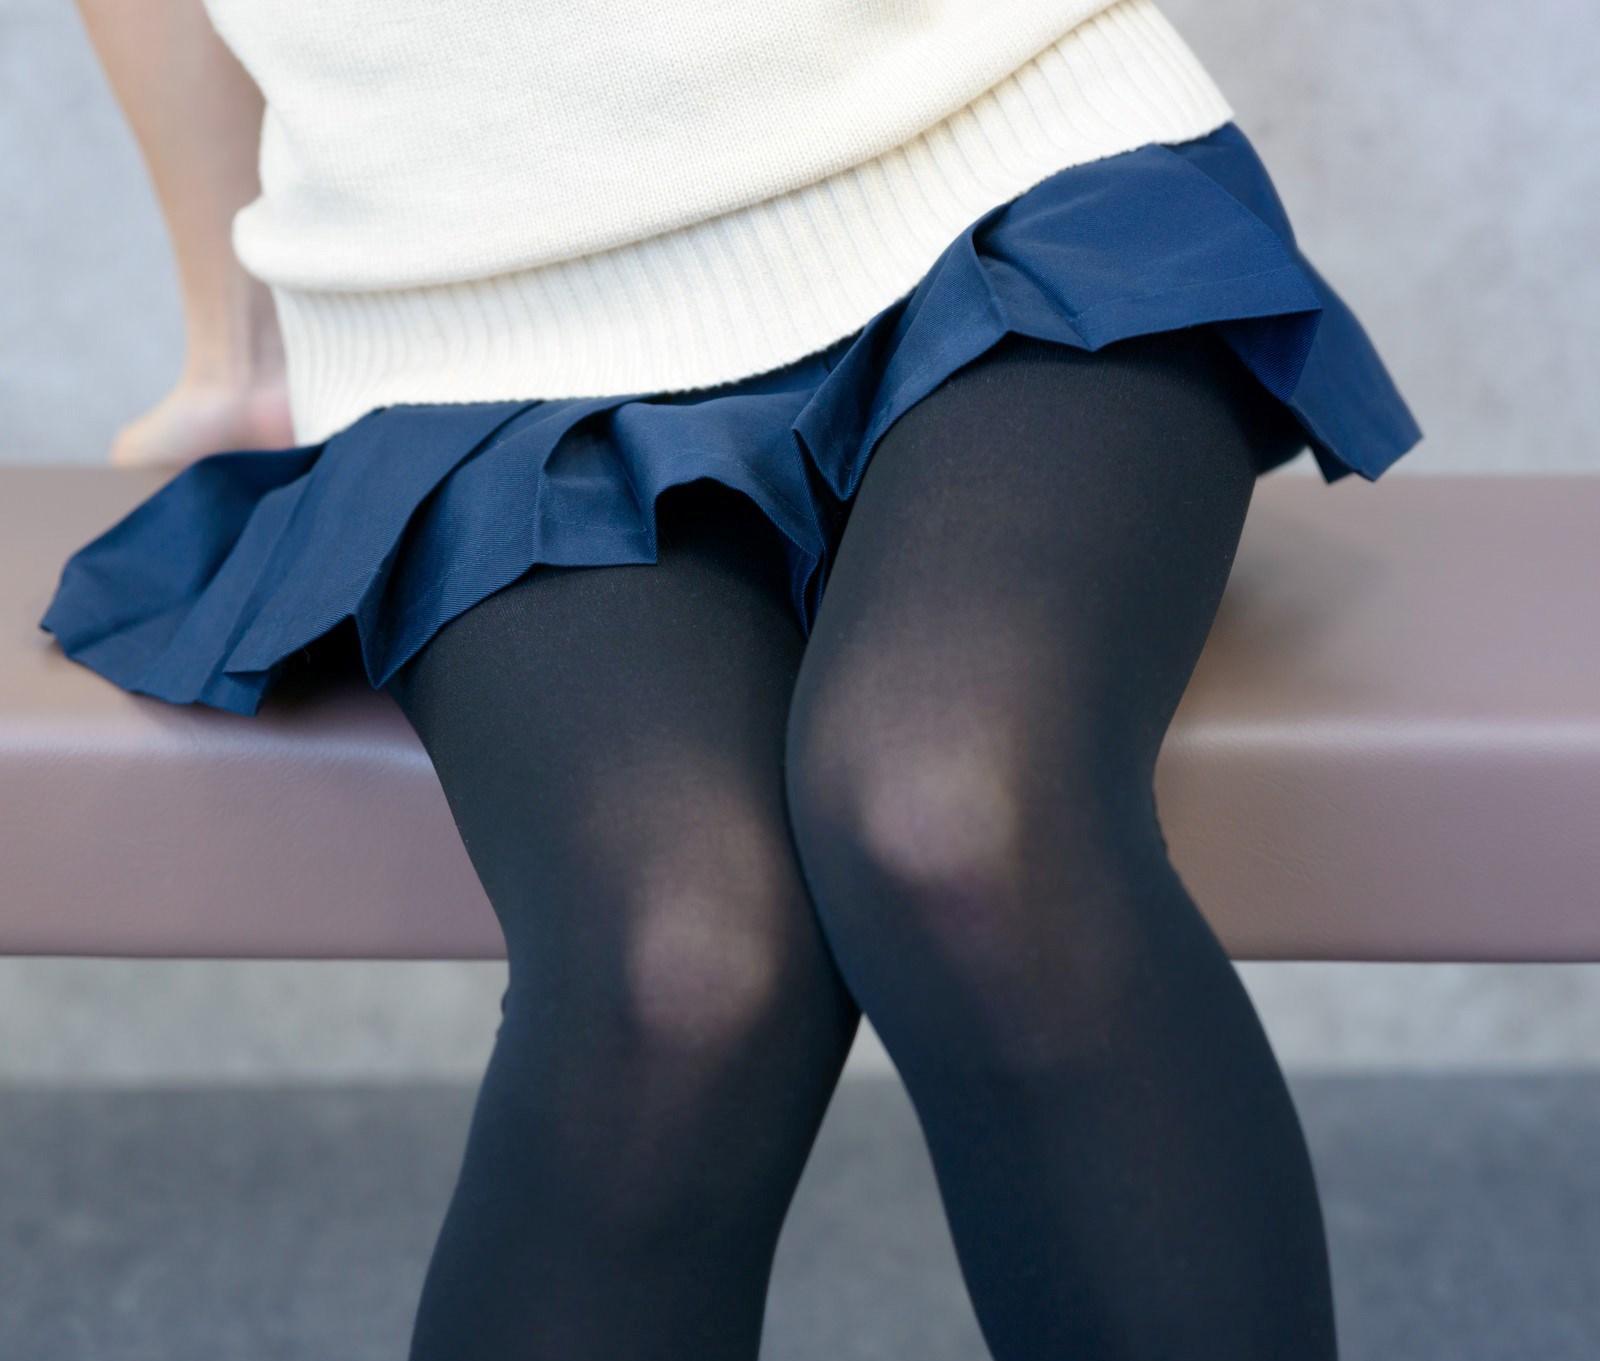 【兔玩映画】腿控福利 兔玩映画 第31张